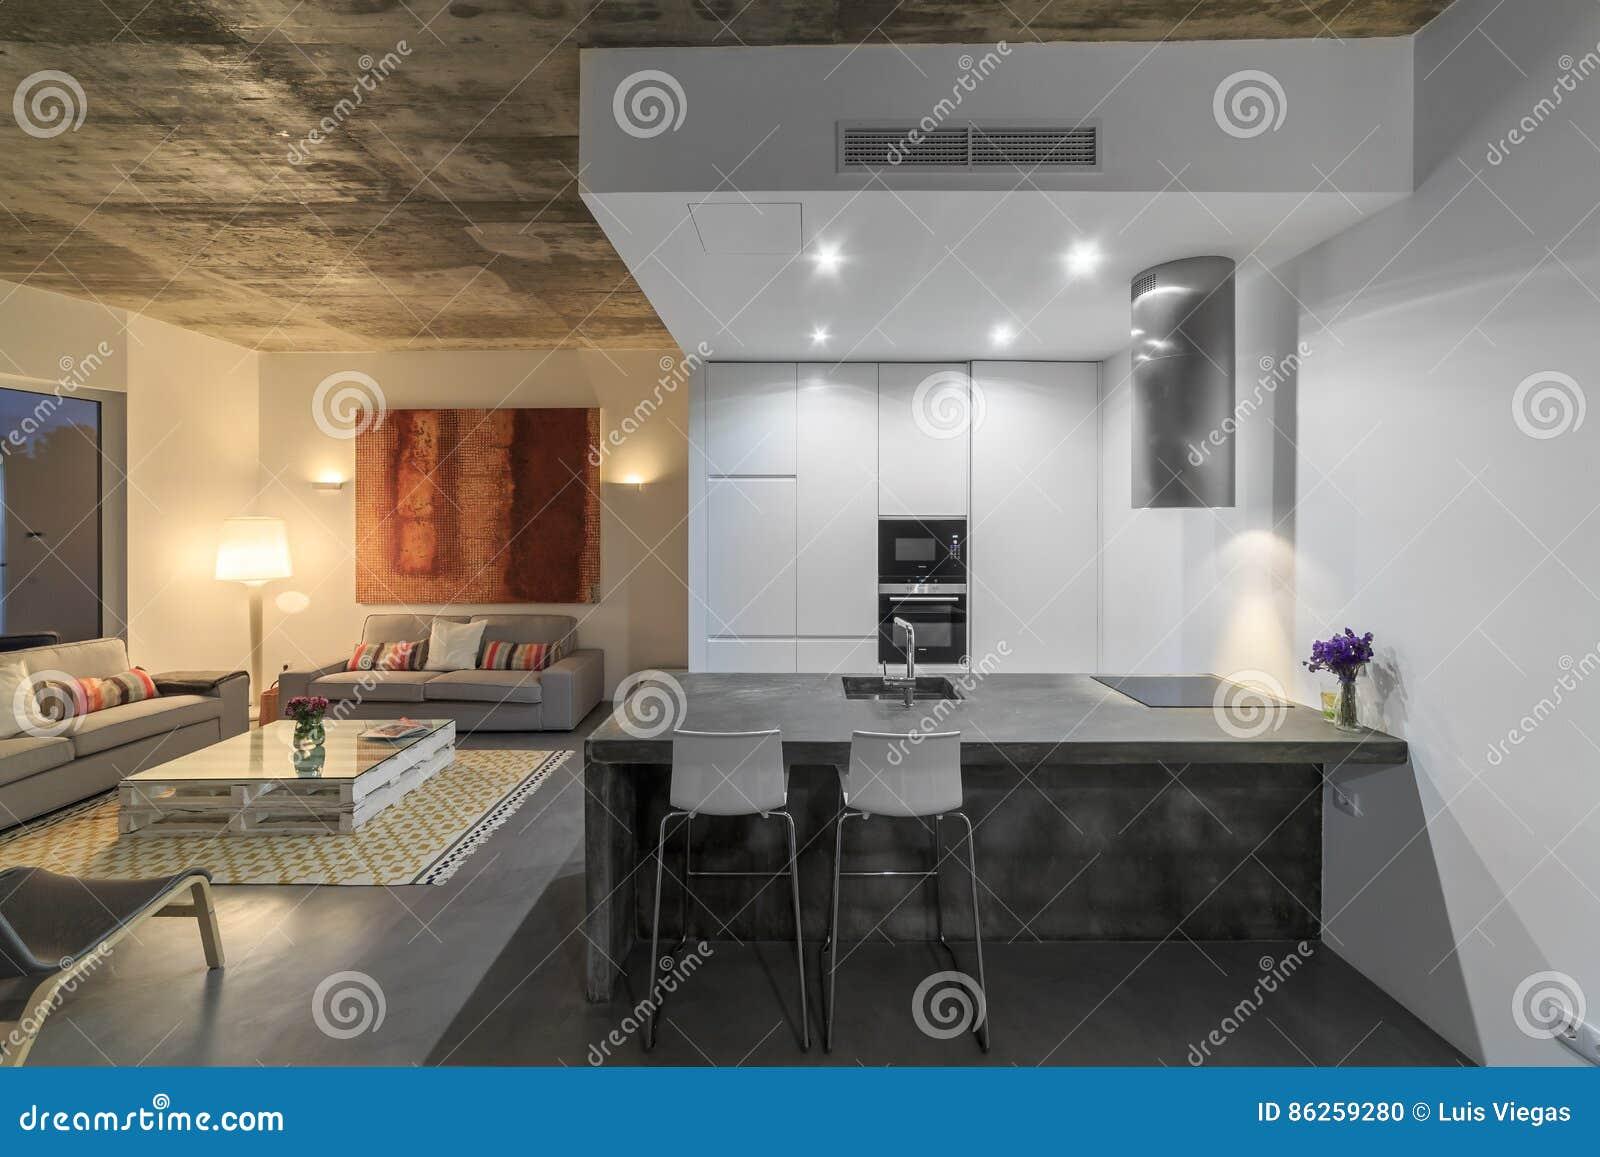 Cuisine moderne avec le plancher de tuiles gris et le mur for Cuisine moderne gris et blanc